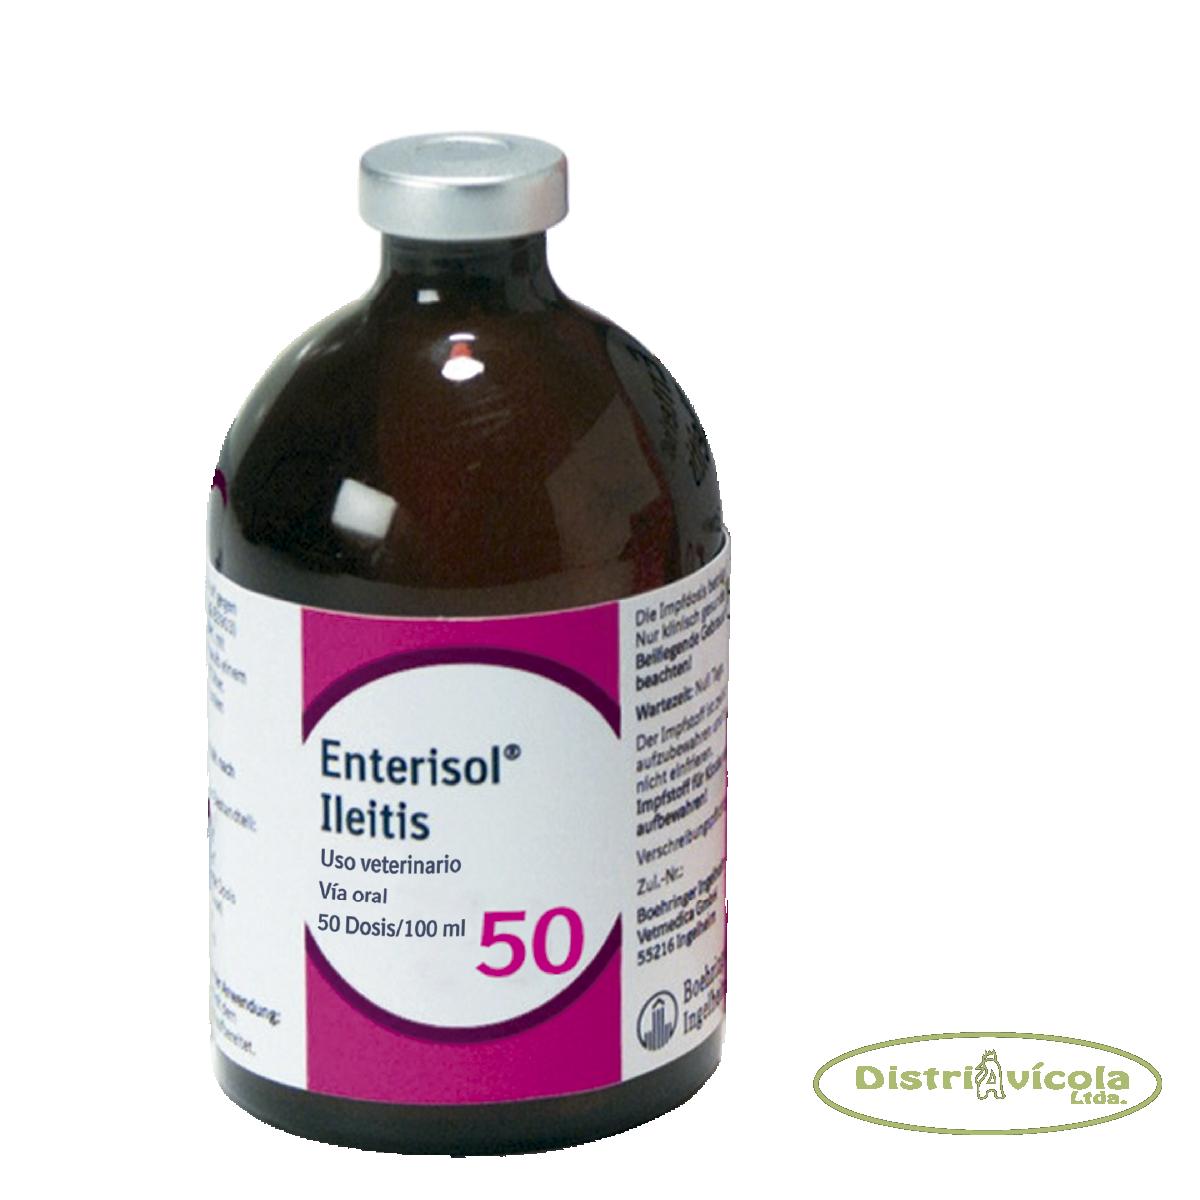 Enterisol ileitis x 50 dosis distriavicola